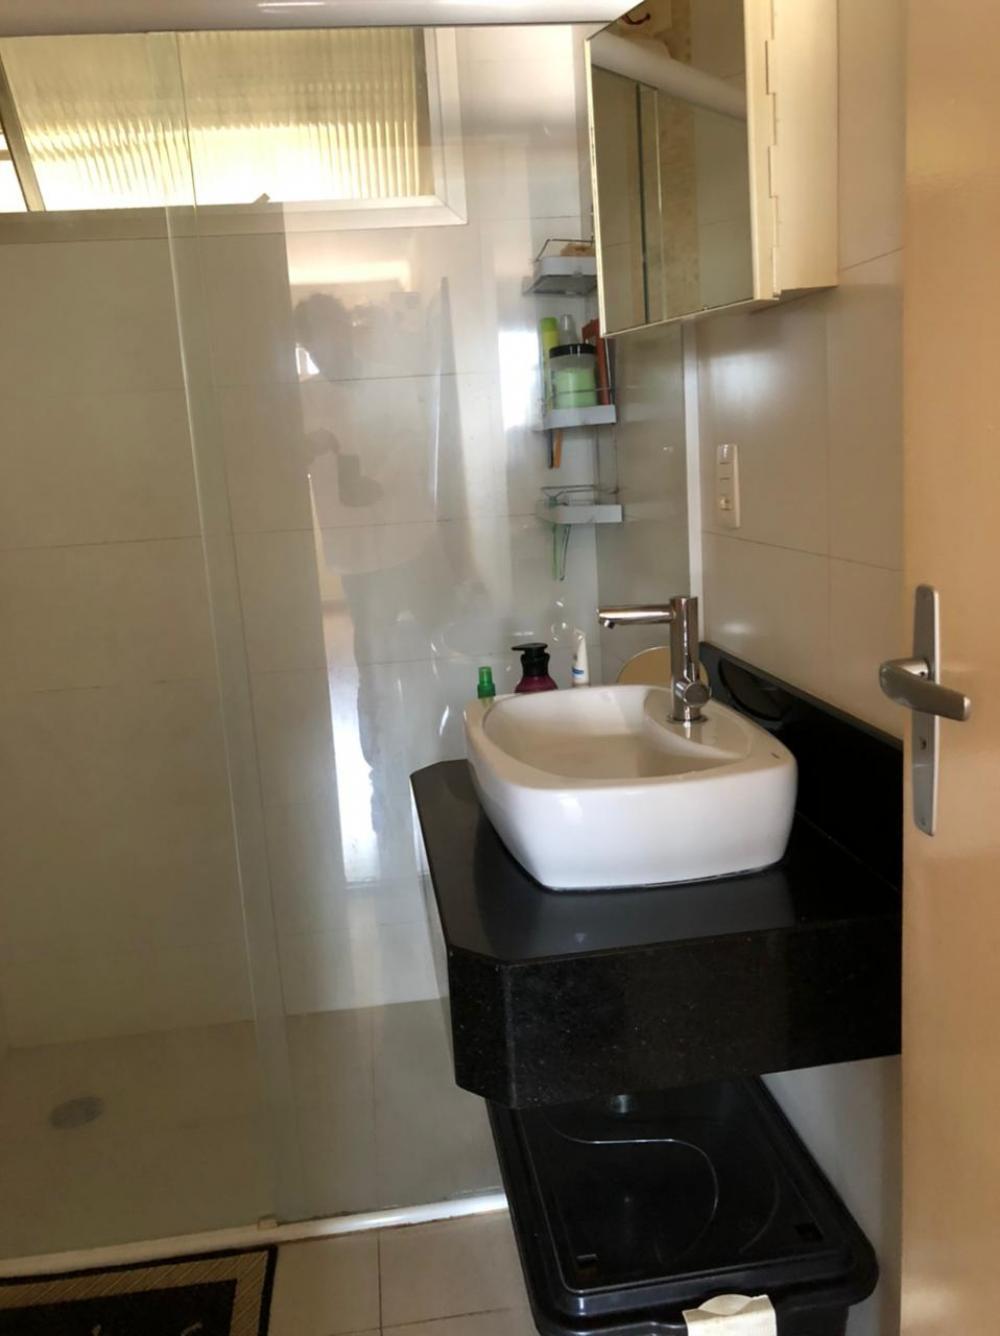 Apartamento kitnet de 34,50 m² com sala/quarto, banheiro, cozinha e área de serviço anexa. Inclui mobília - geladeira, filtro de água, fogão, microondas, cama, armários, etc. Reformado, com piso e banheiro novos. Aceita financiamento.